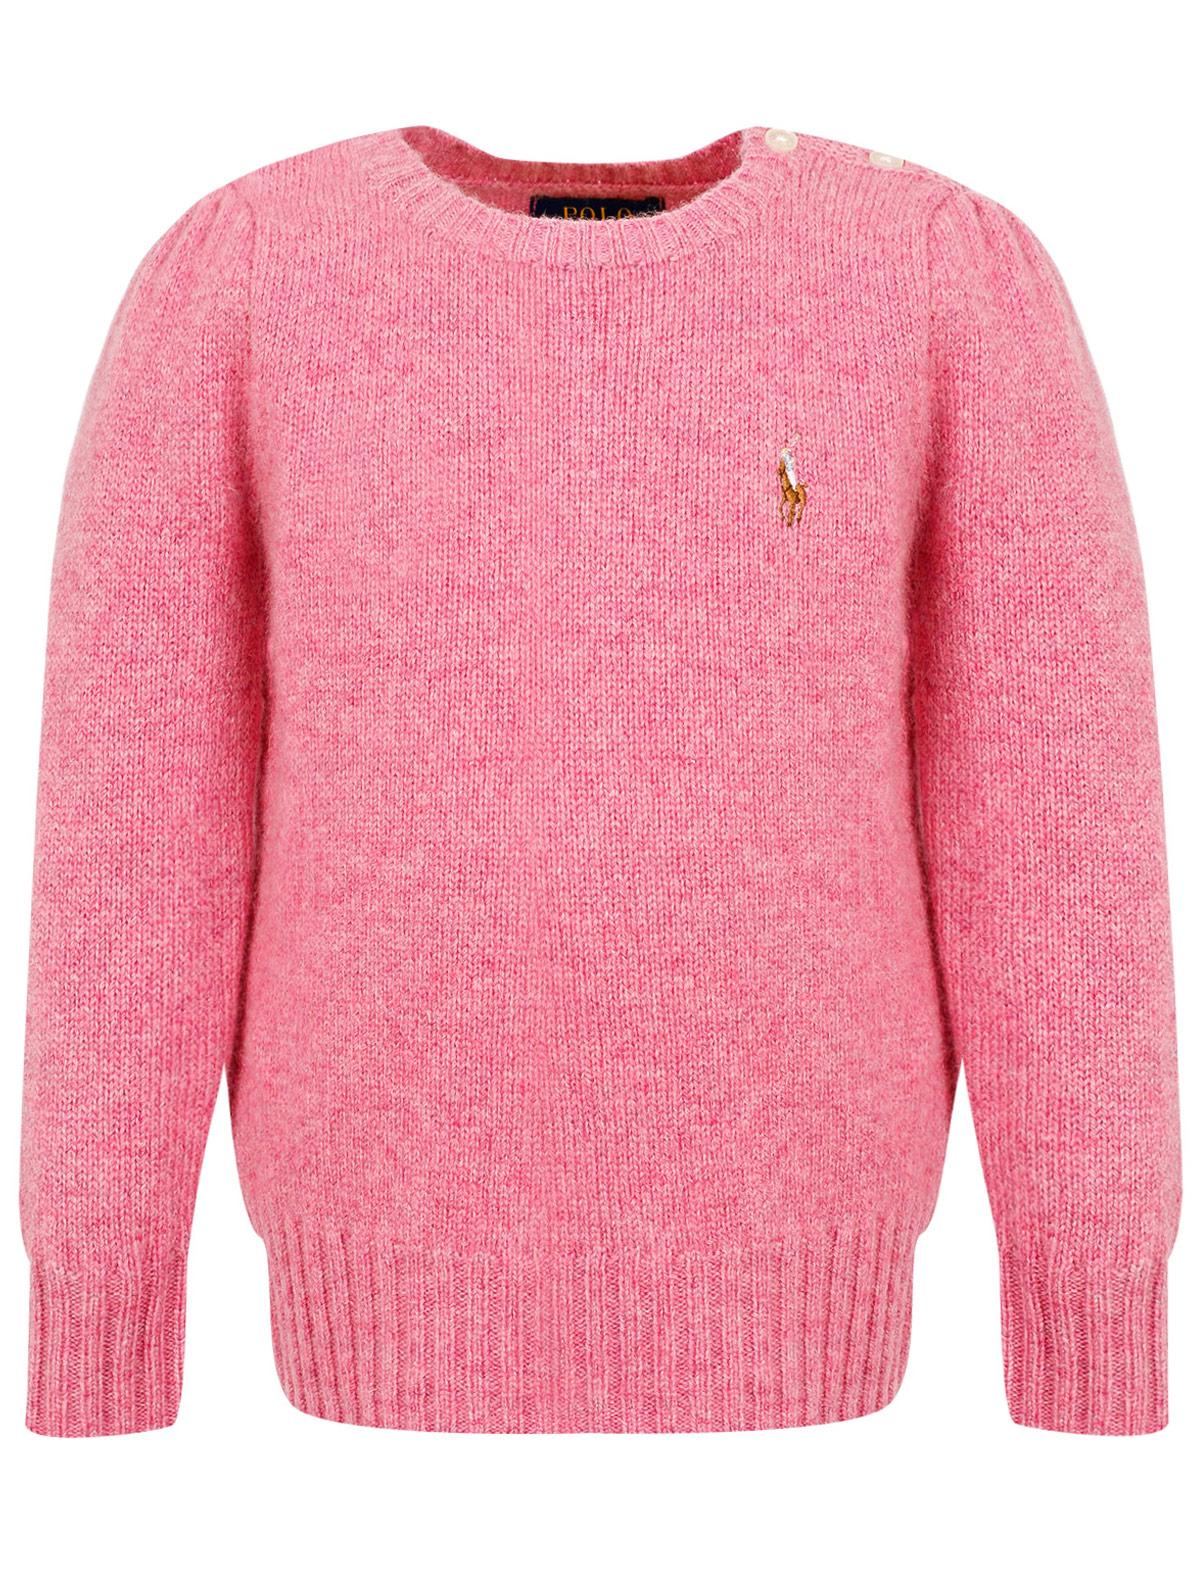 Купить 2140595, Джемпер Ralph Lauren, розовый, Женский, 1262609980018